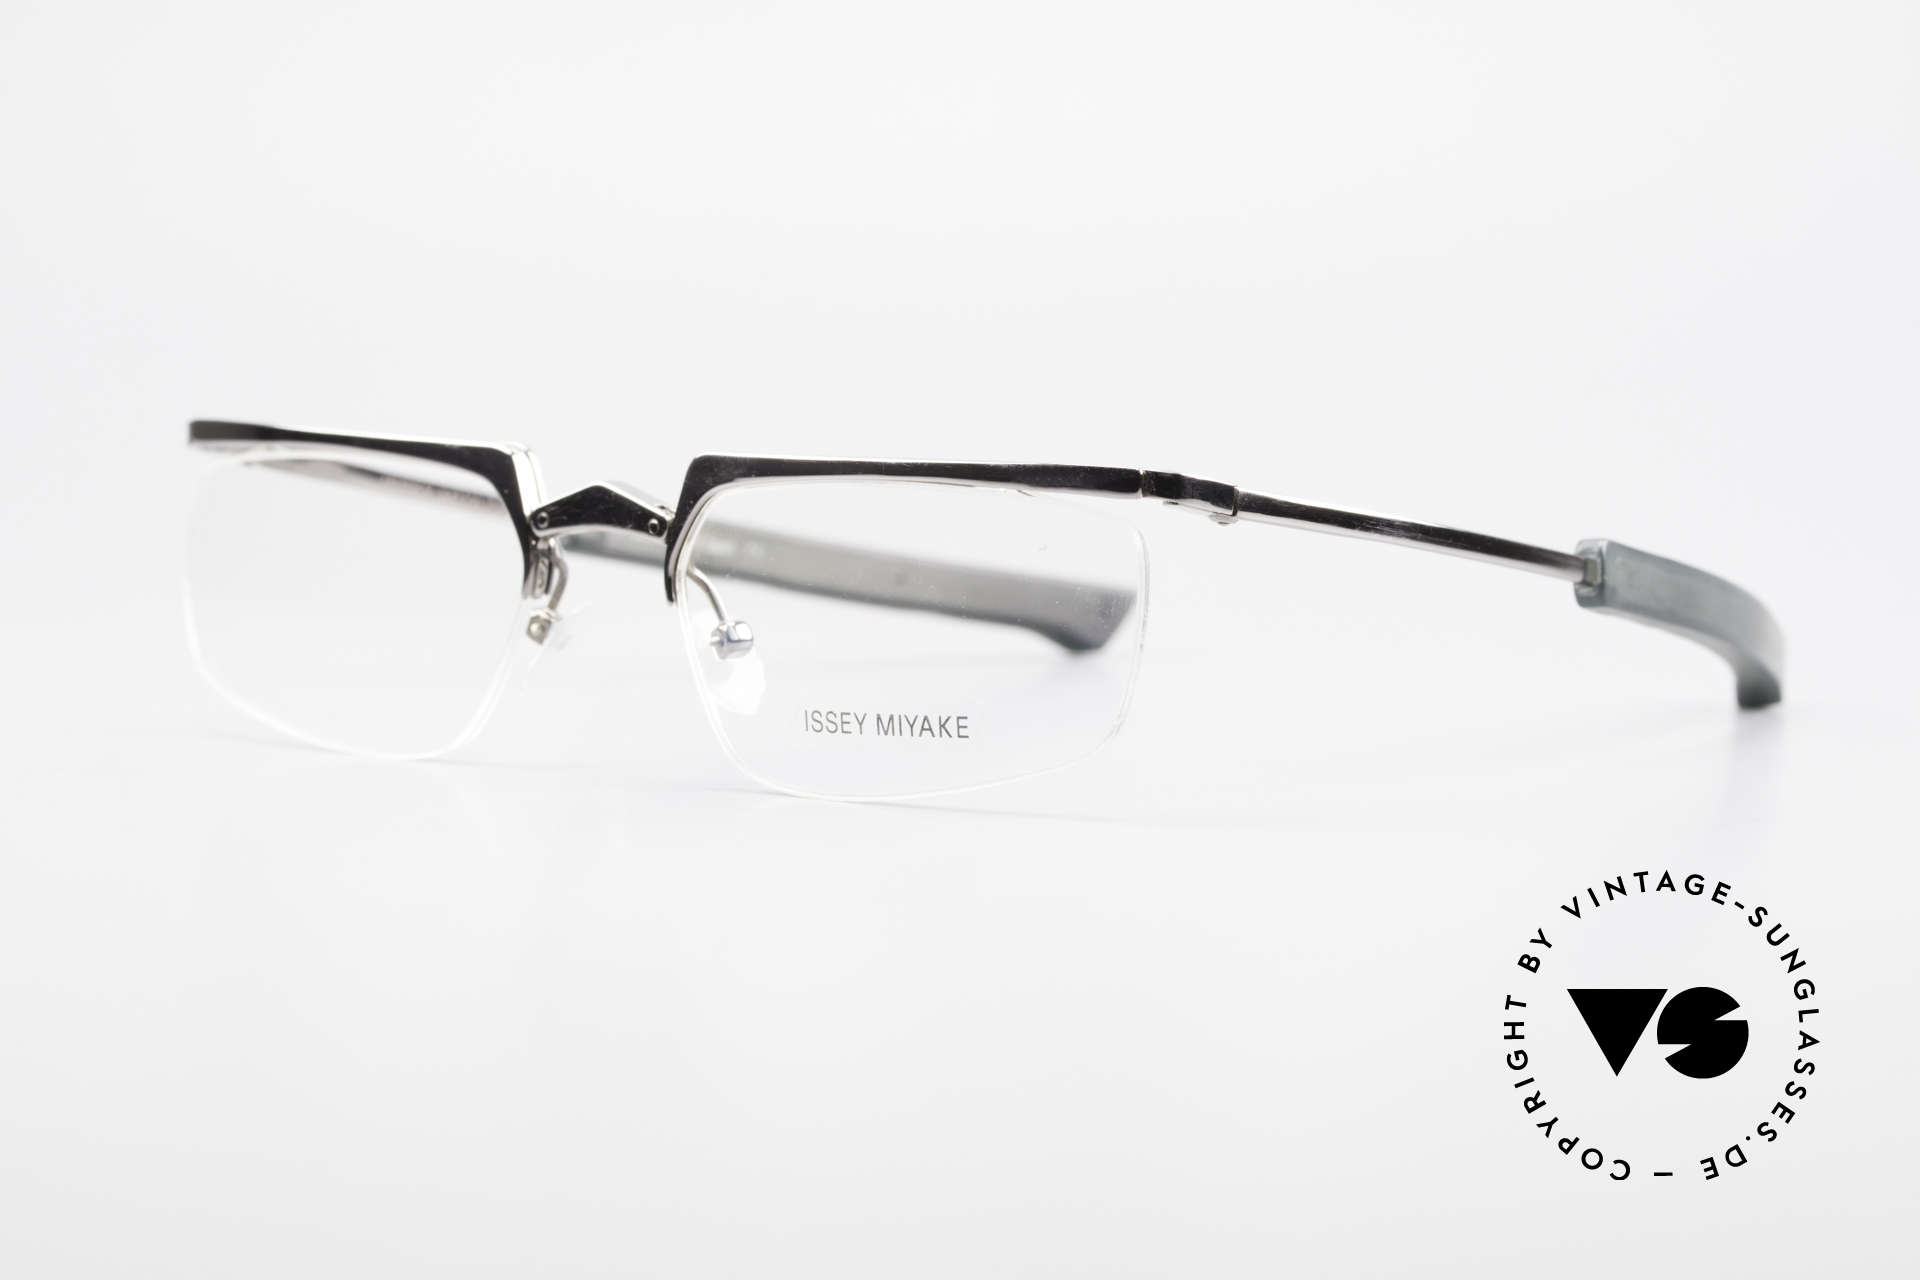 Issey Miyake 01 Alain Mikli Folding Designer Eyeglasses, Issey Miyake in cooperation with Alain Mikli, Made for Men and Women